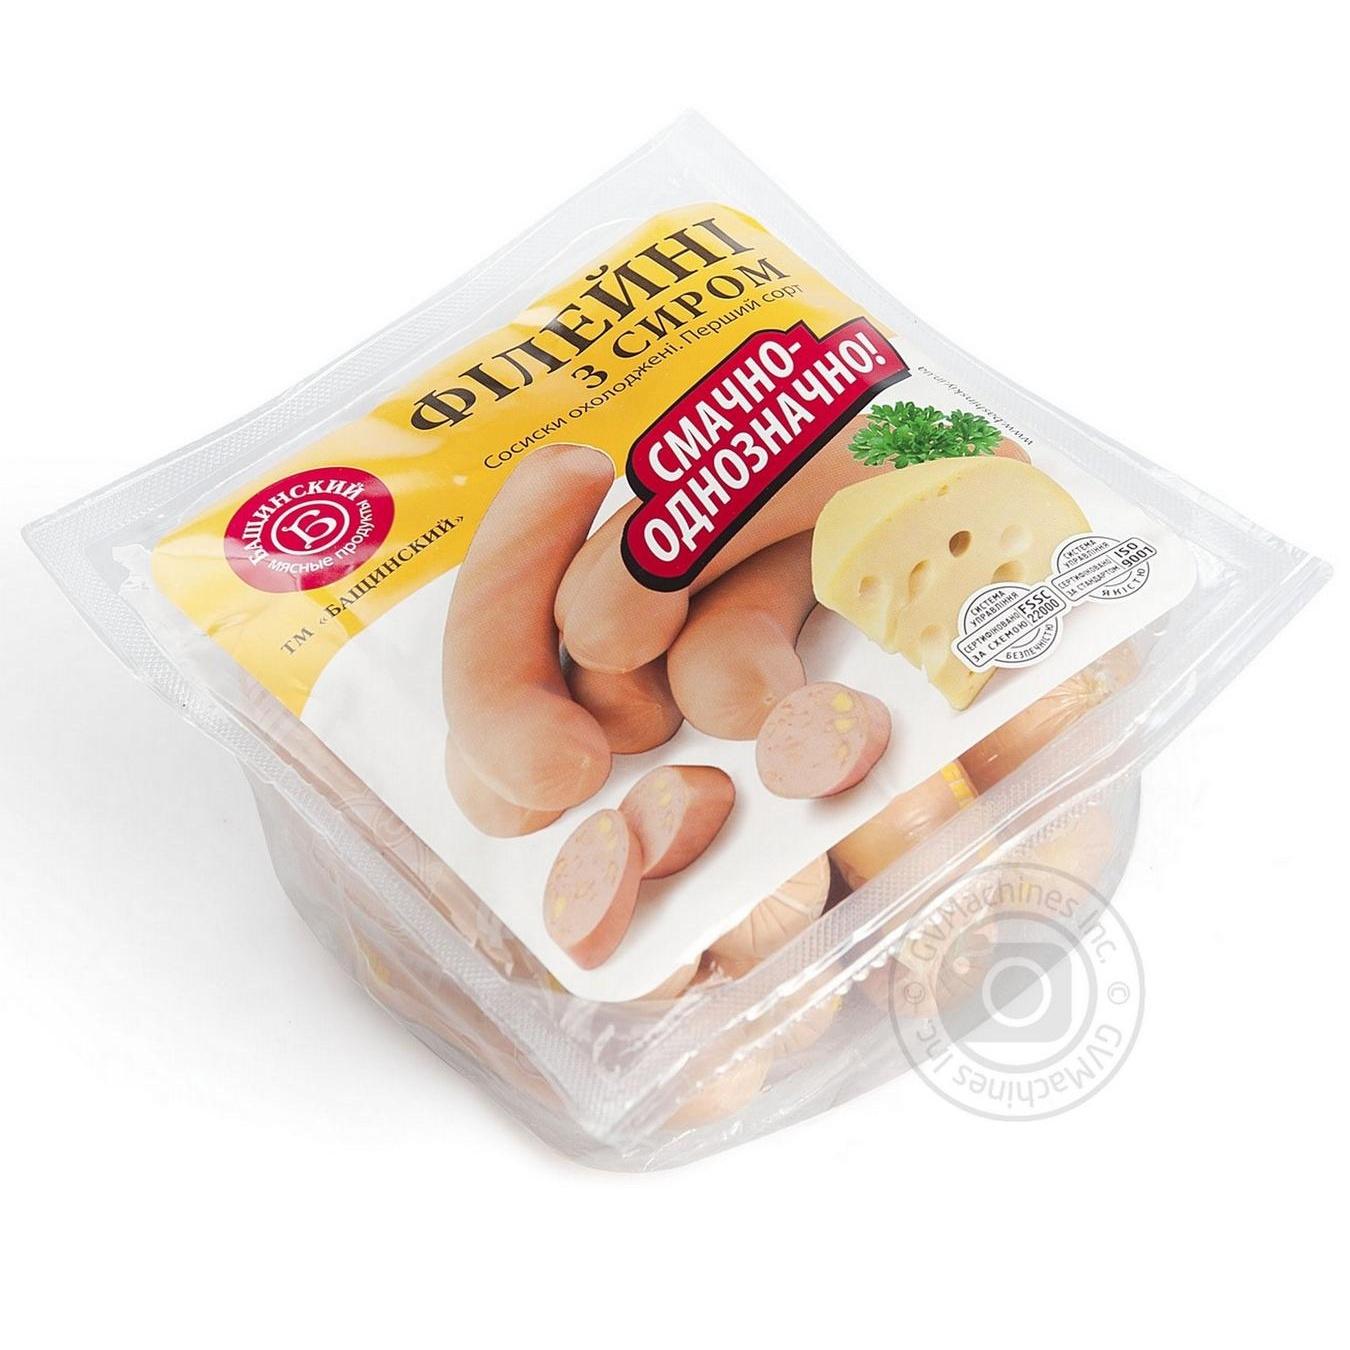 Купить Сосиски Бащинский Филейные с сыром охлажденные 480г